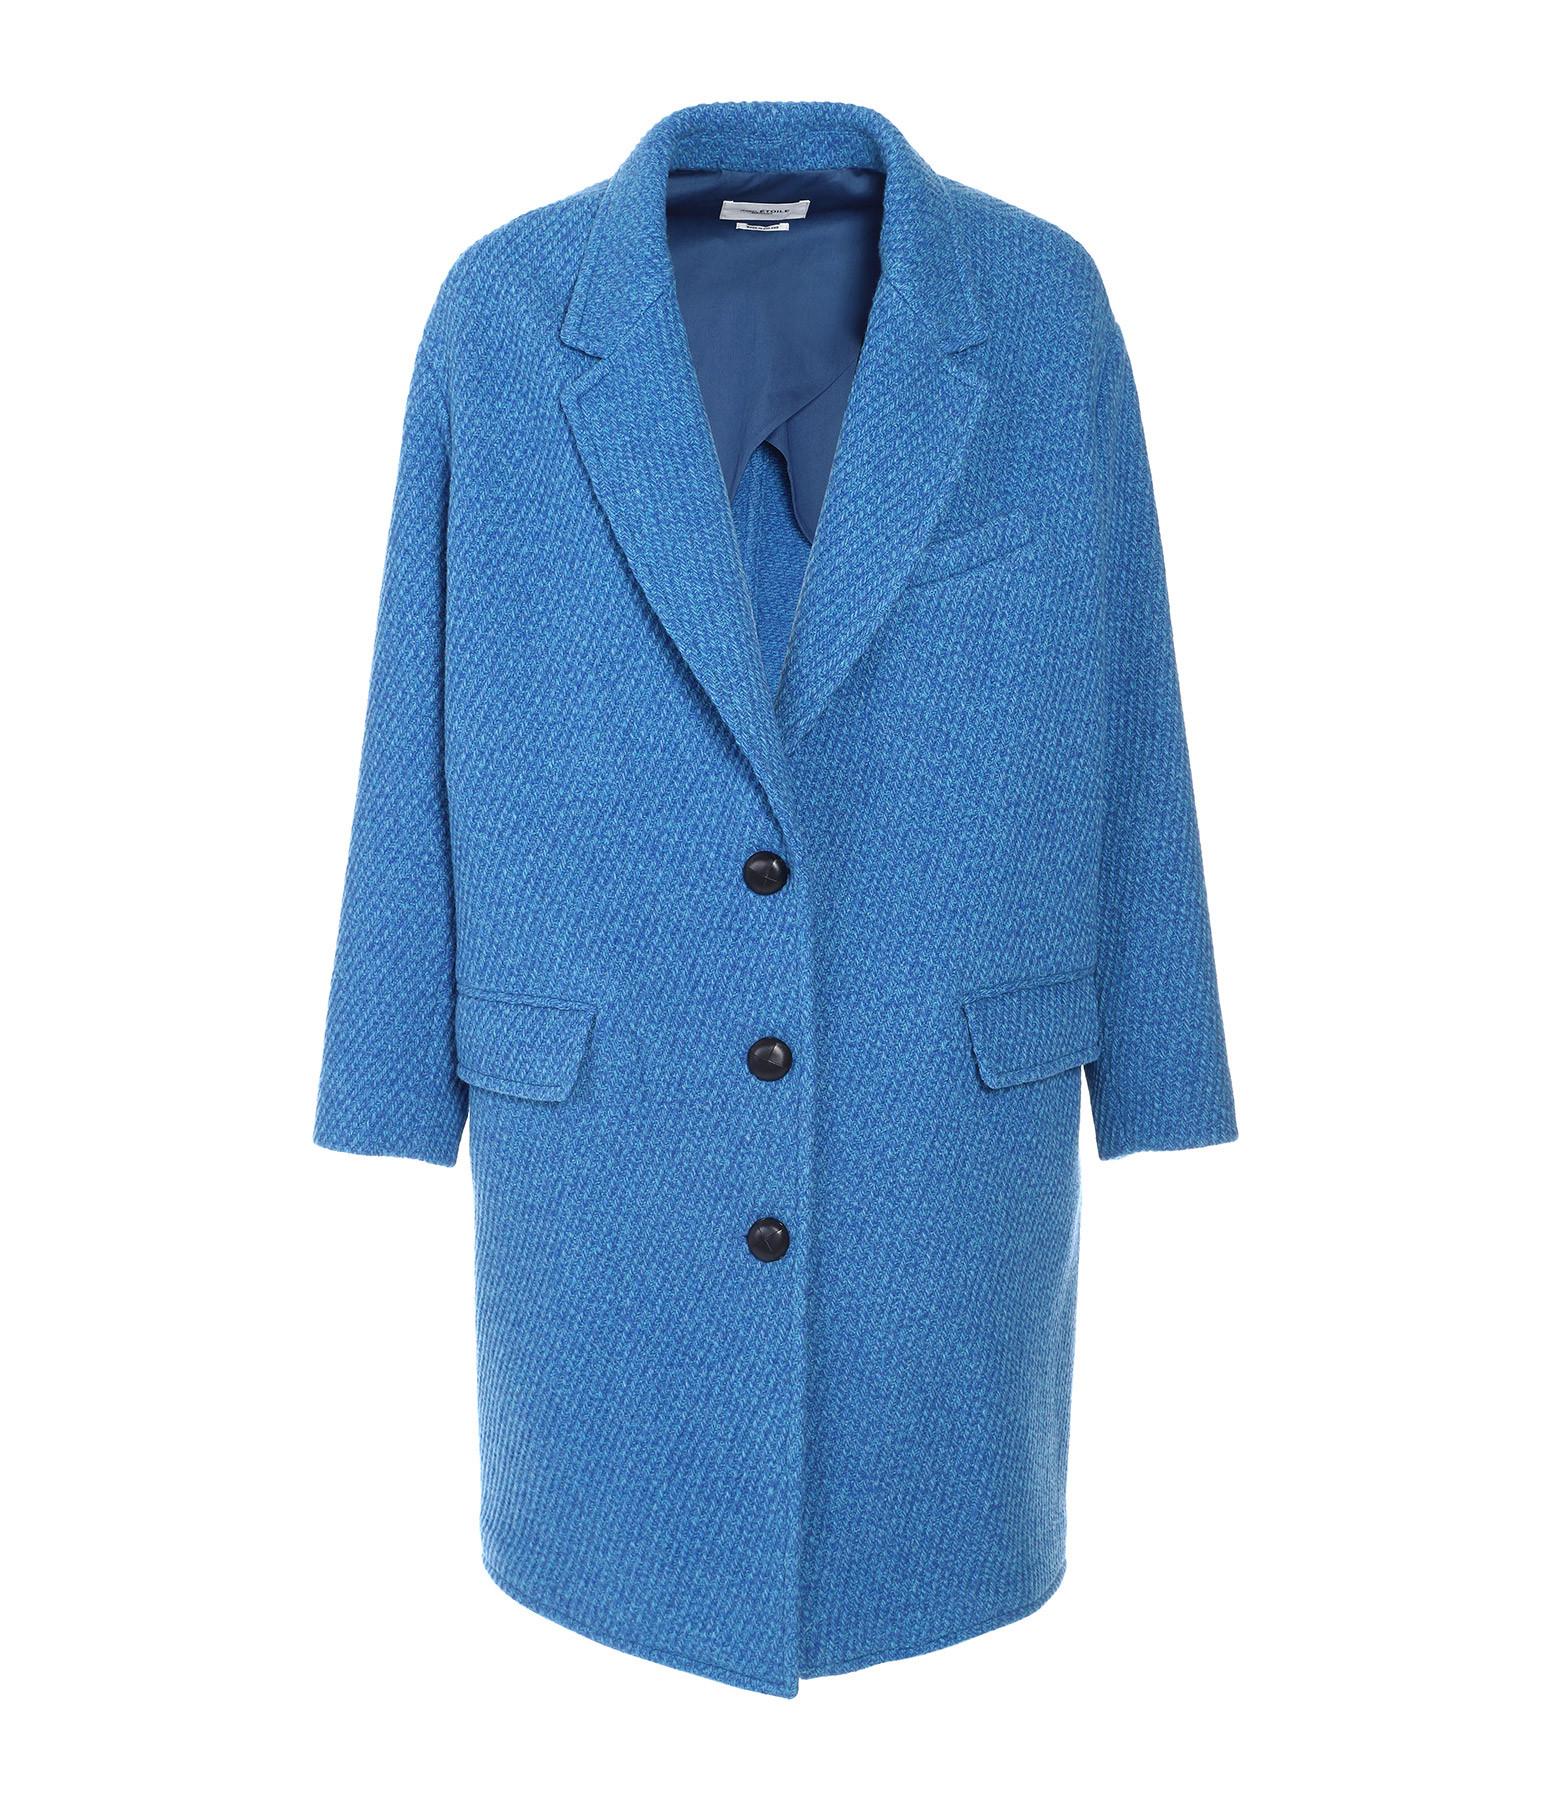 vente chaude en ligne a9f2d 88d0e Manteau Gimi Laine Bleu